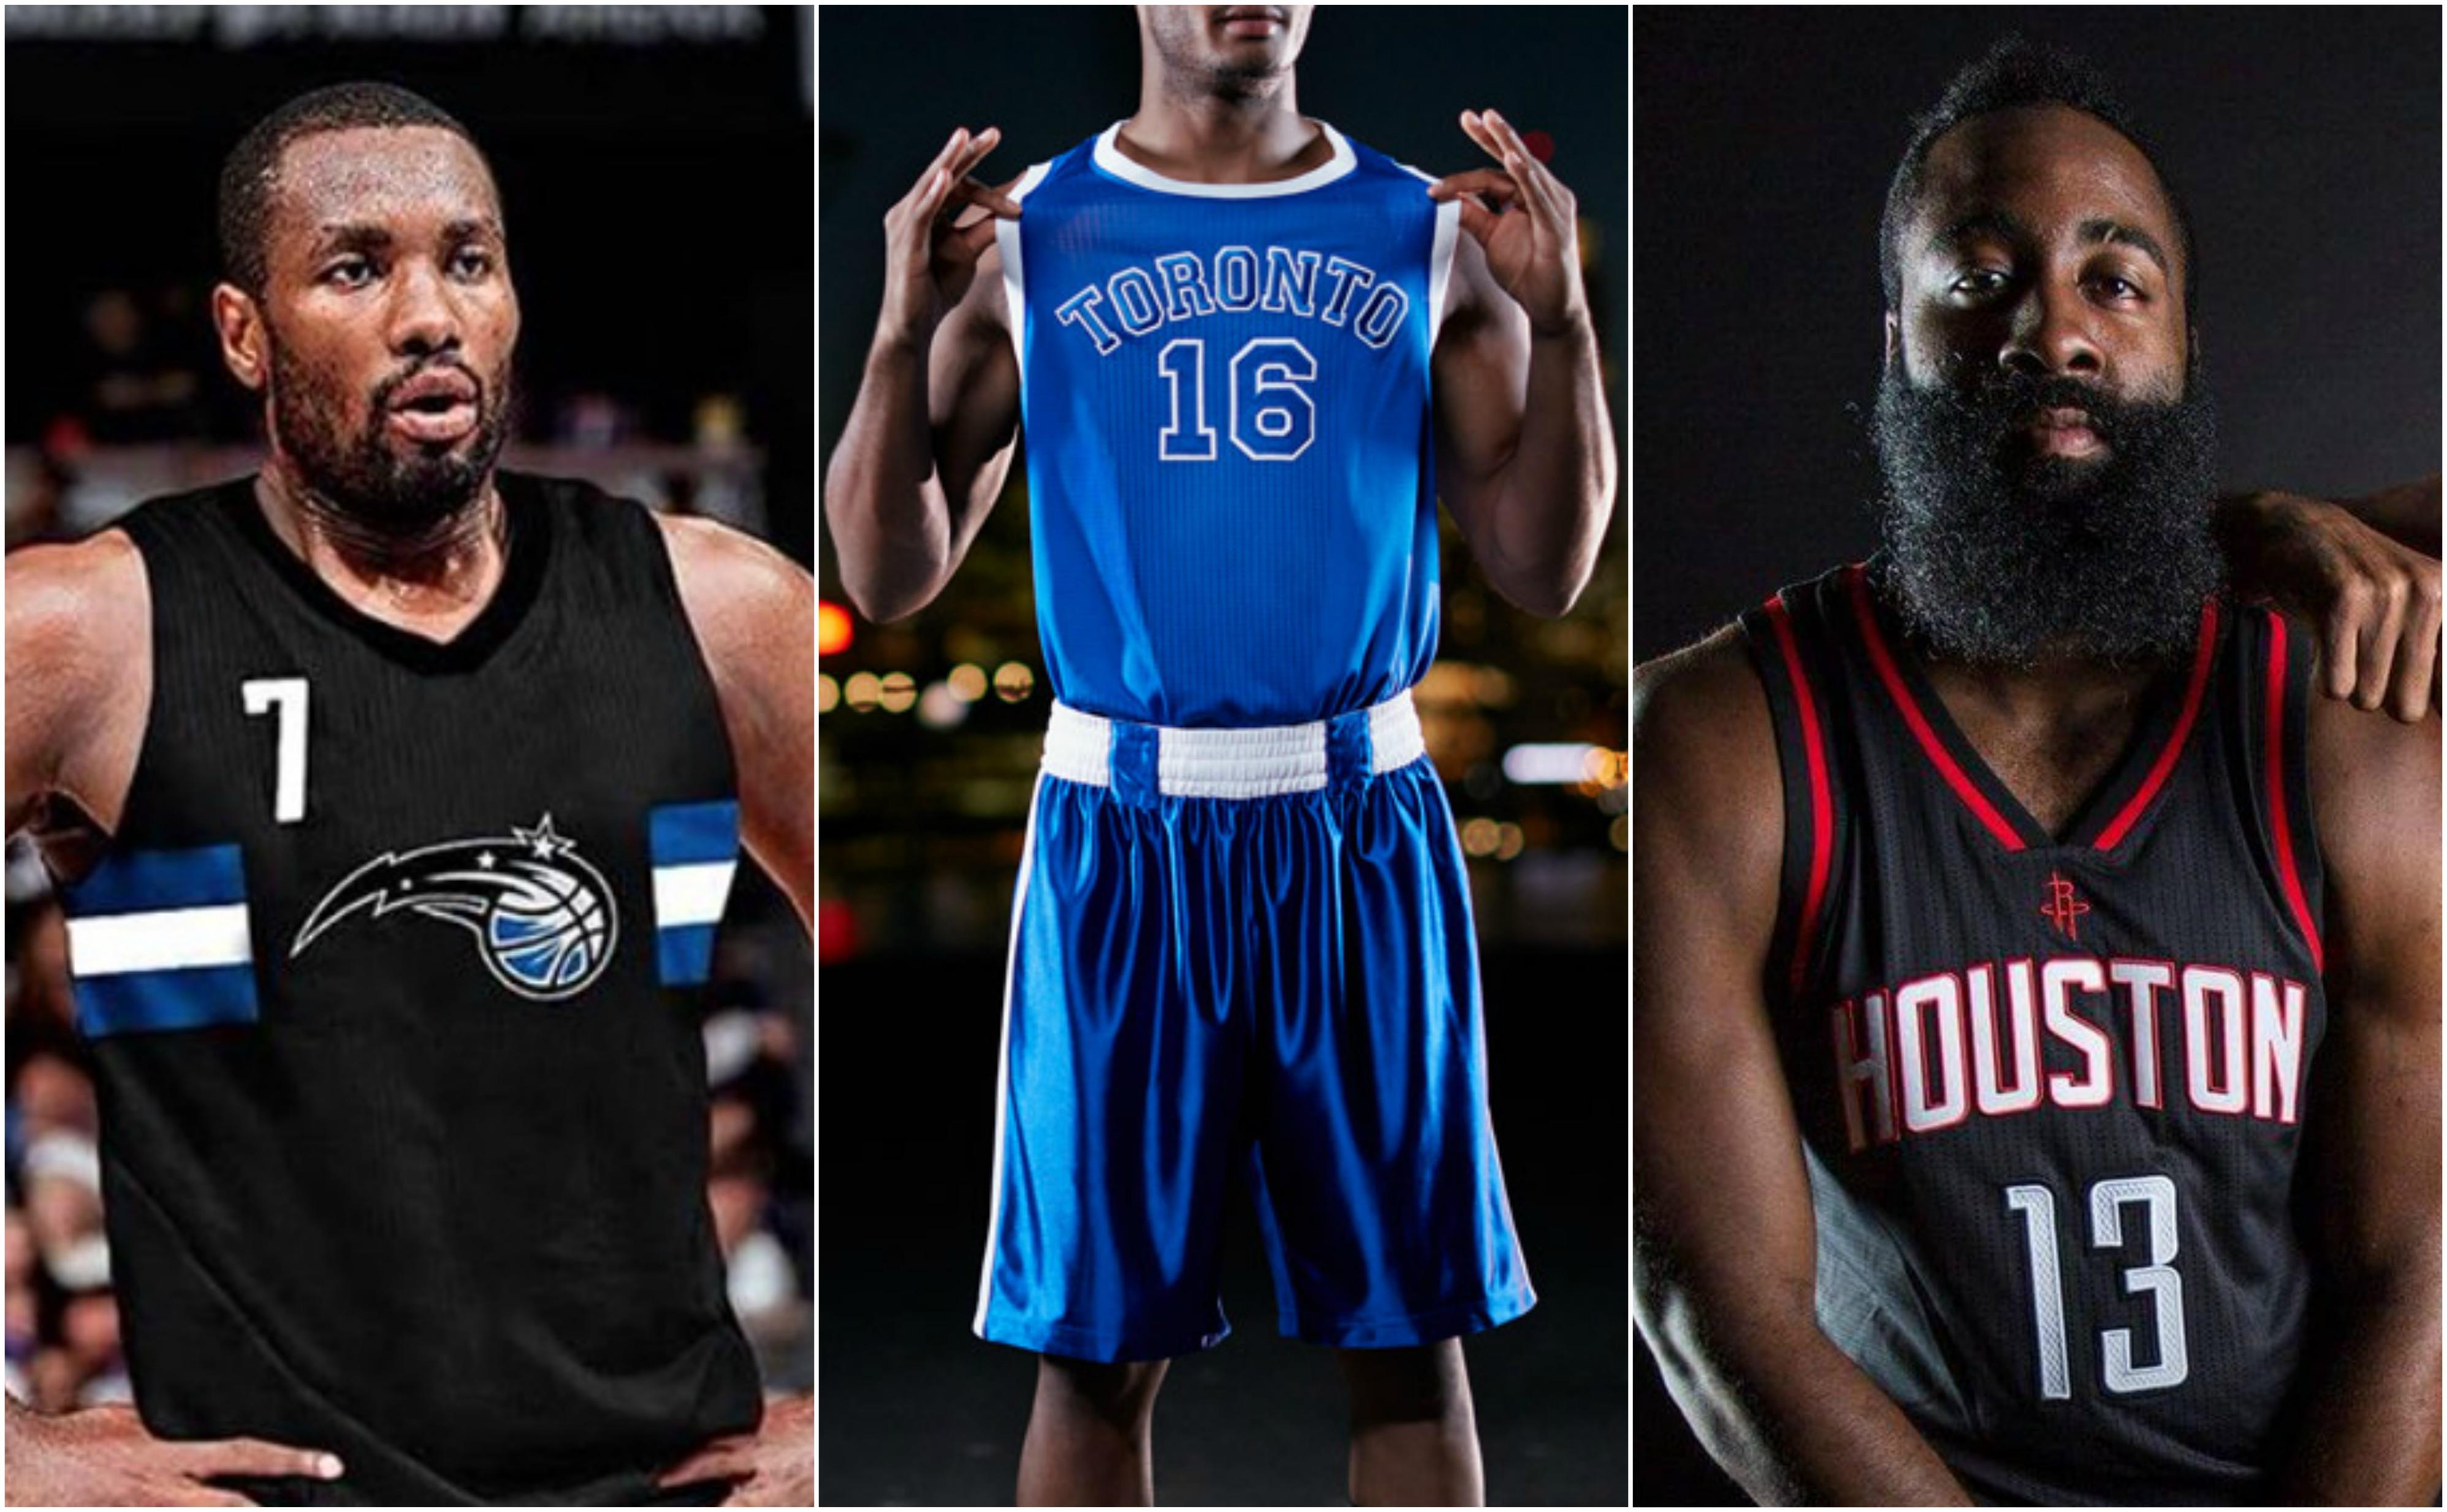 Nuevas equipaciones NBA 2016-17  repaso a las más atractivas f19becedb29a1